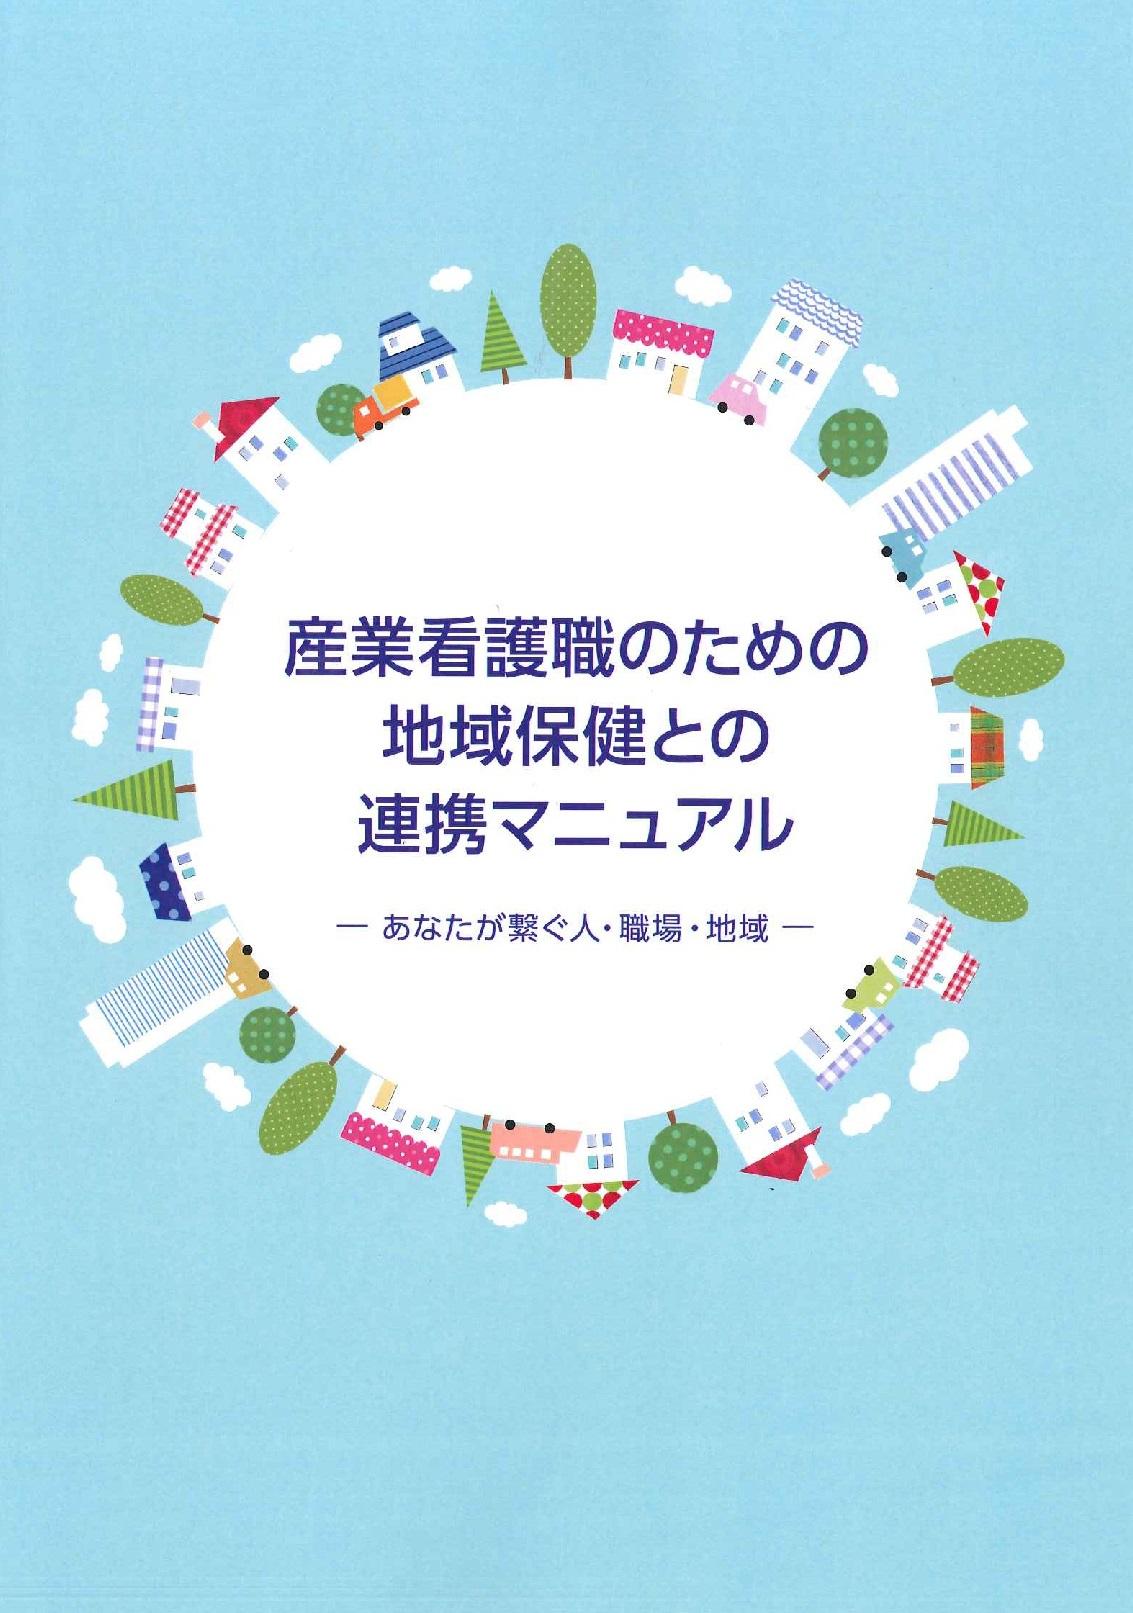 【新連載】「産業看護職のための地域保健との連携マニュアル」のご紹介